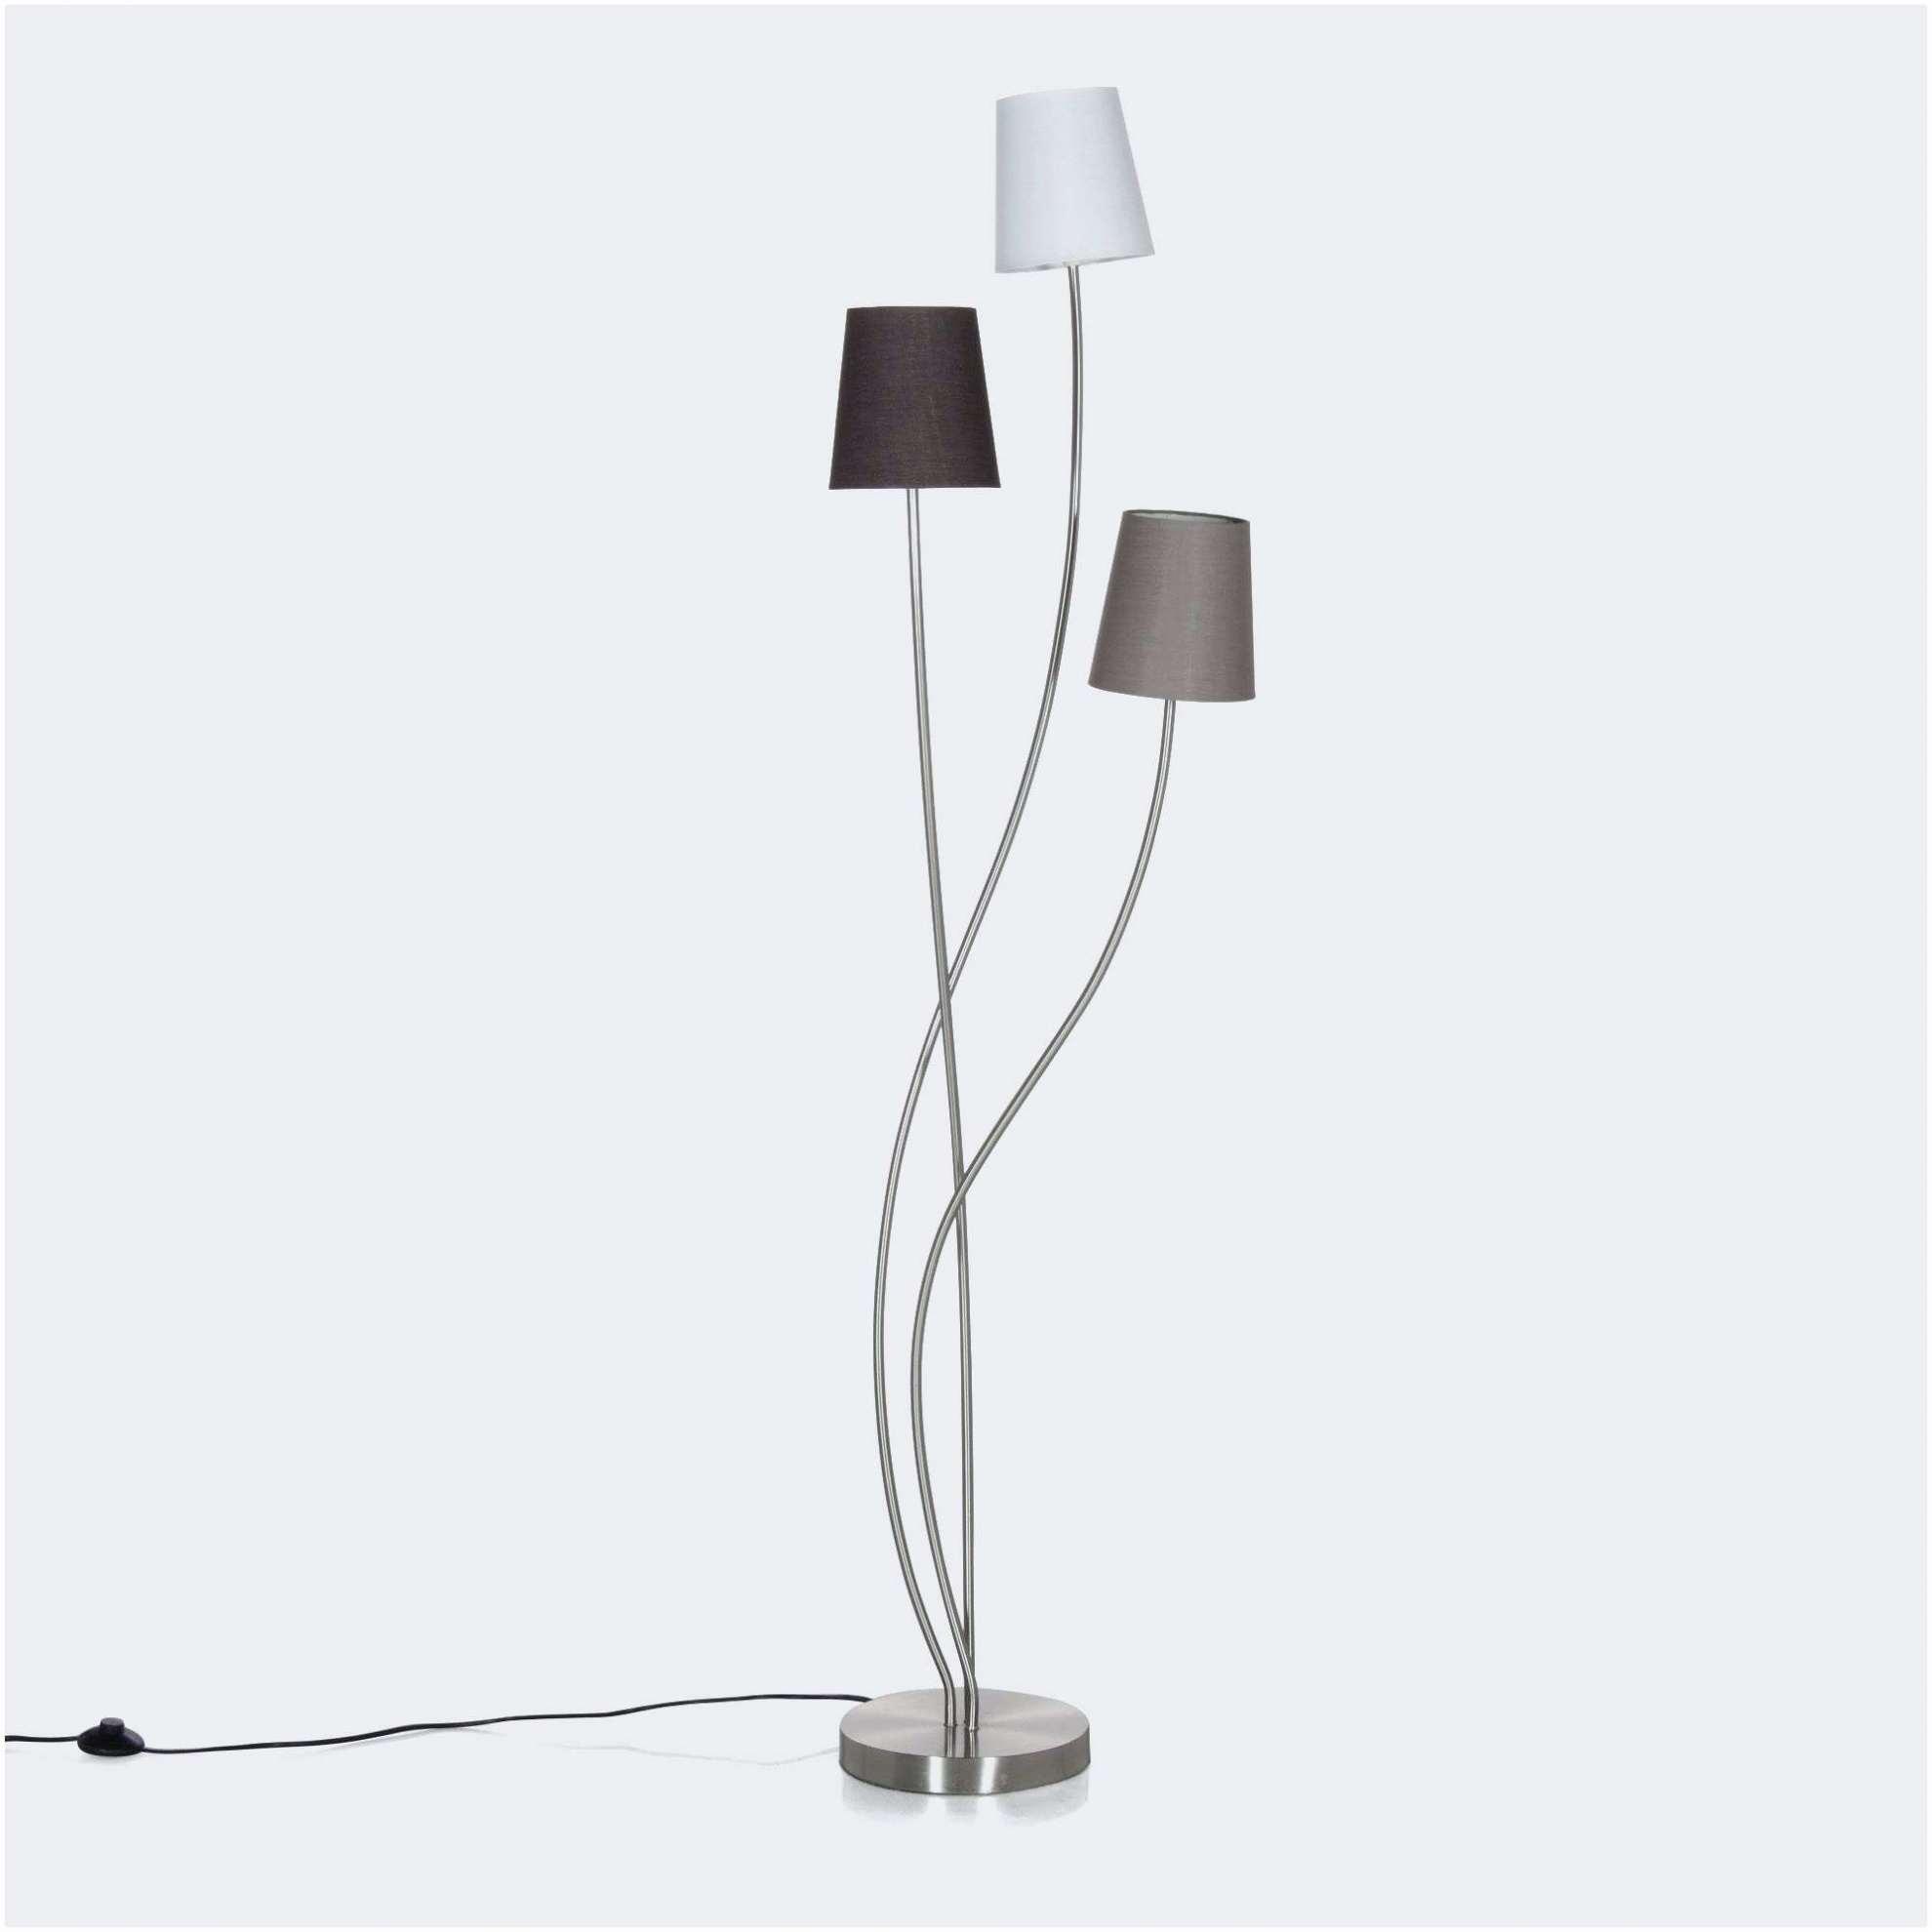 frais deko ideen schlafzimmer ikea elegant regal schlafzimmer 0d design von ikea wohnzimmer lampe of ikea wohnzimmer lampe 1